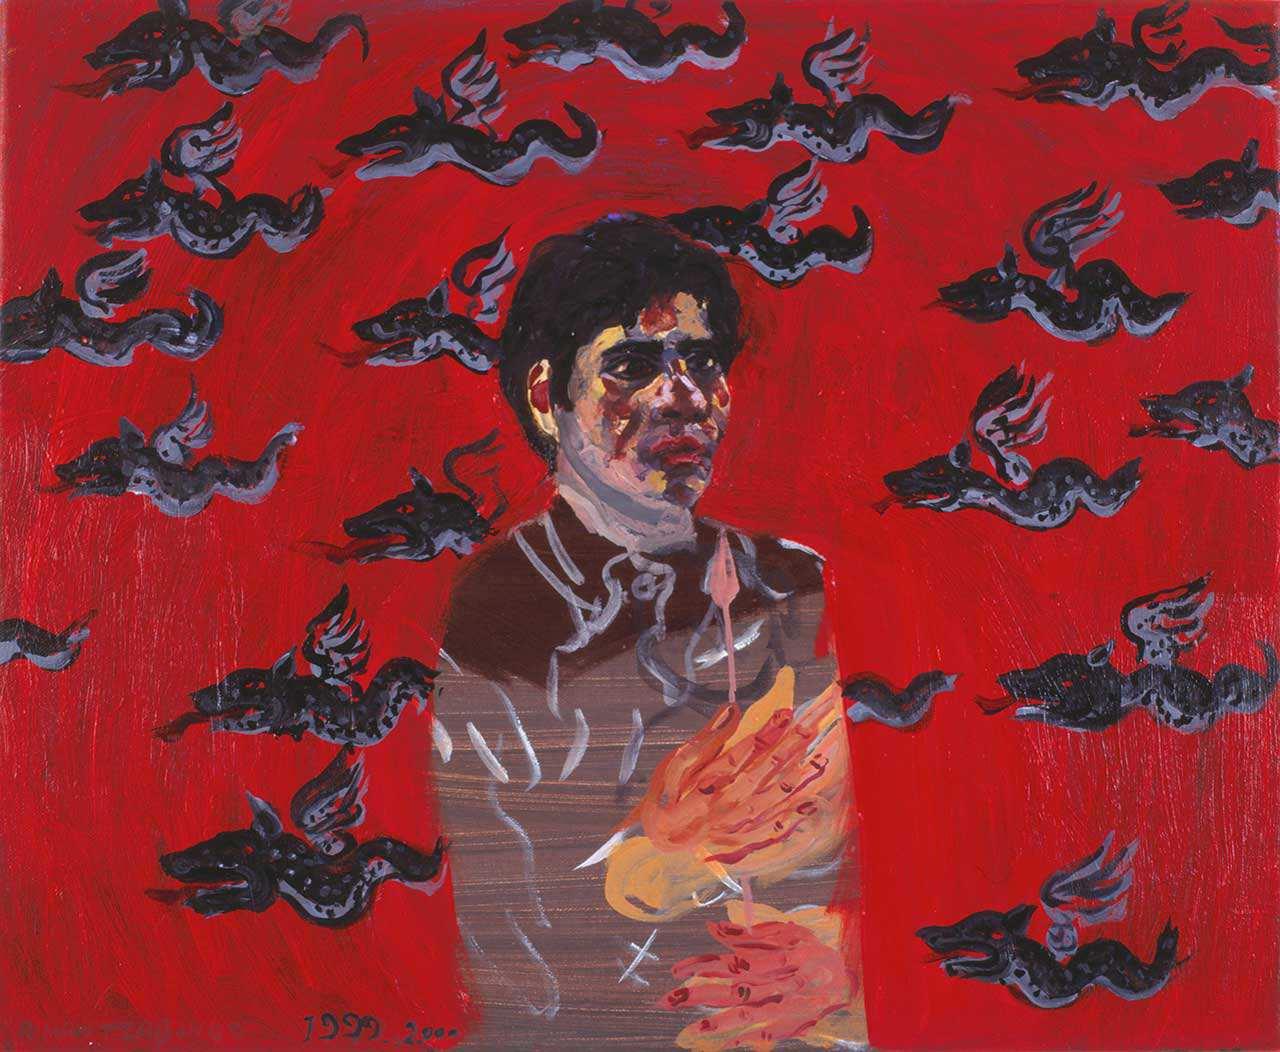 Ο ζωγράφος και 22 φτερωτοί δράκοι, 1999-2000, λάδι σε καμβά, 45x55 εκ.